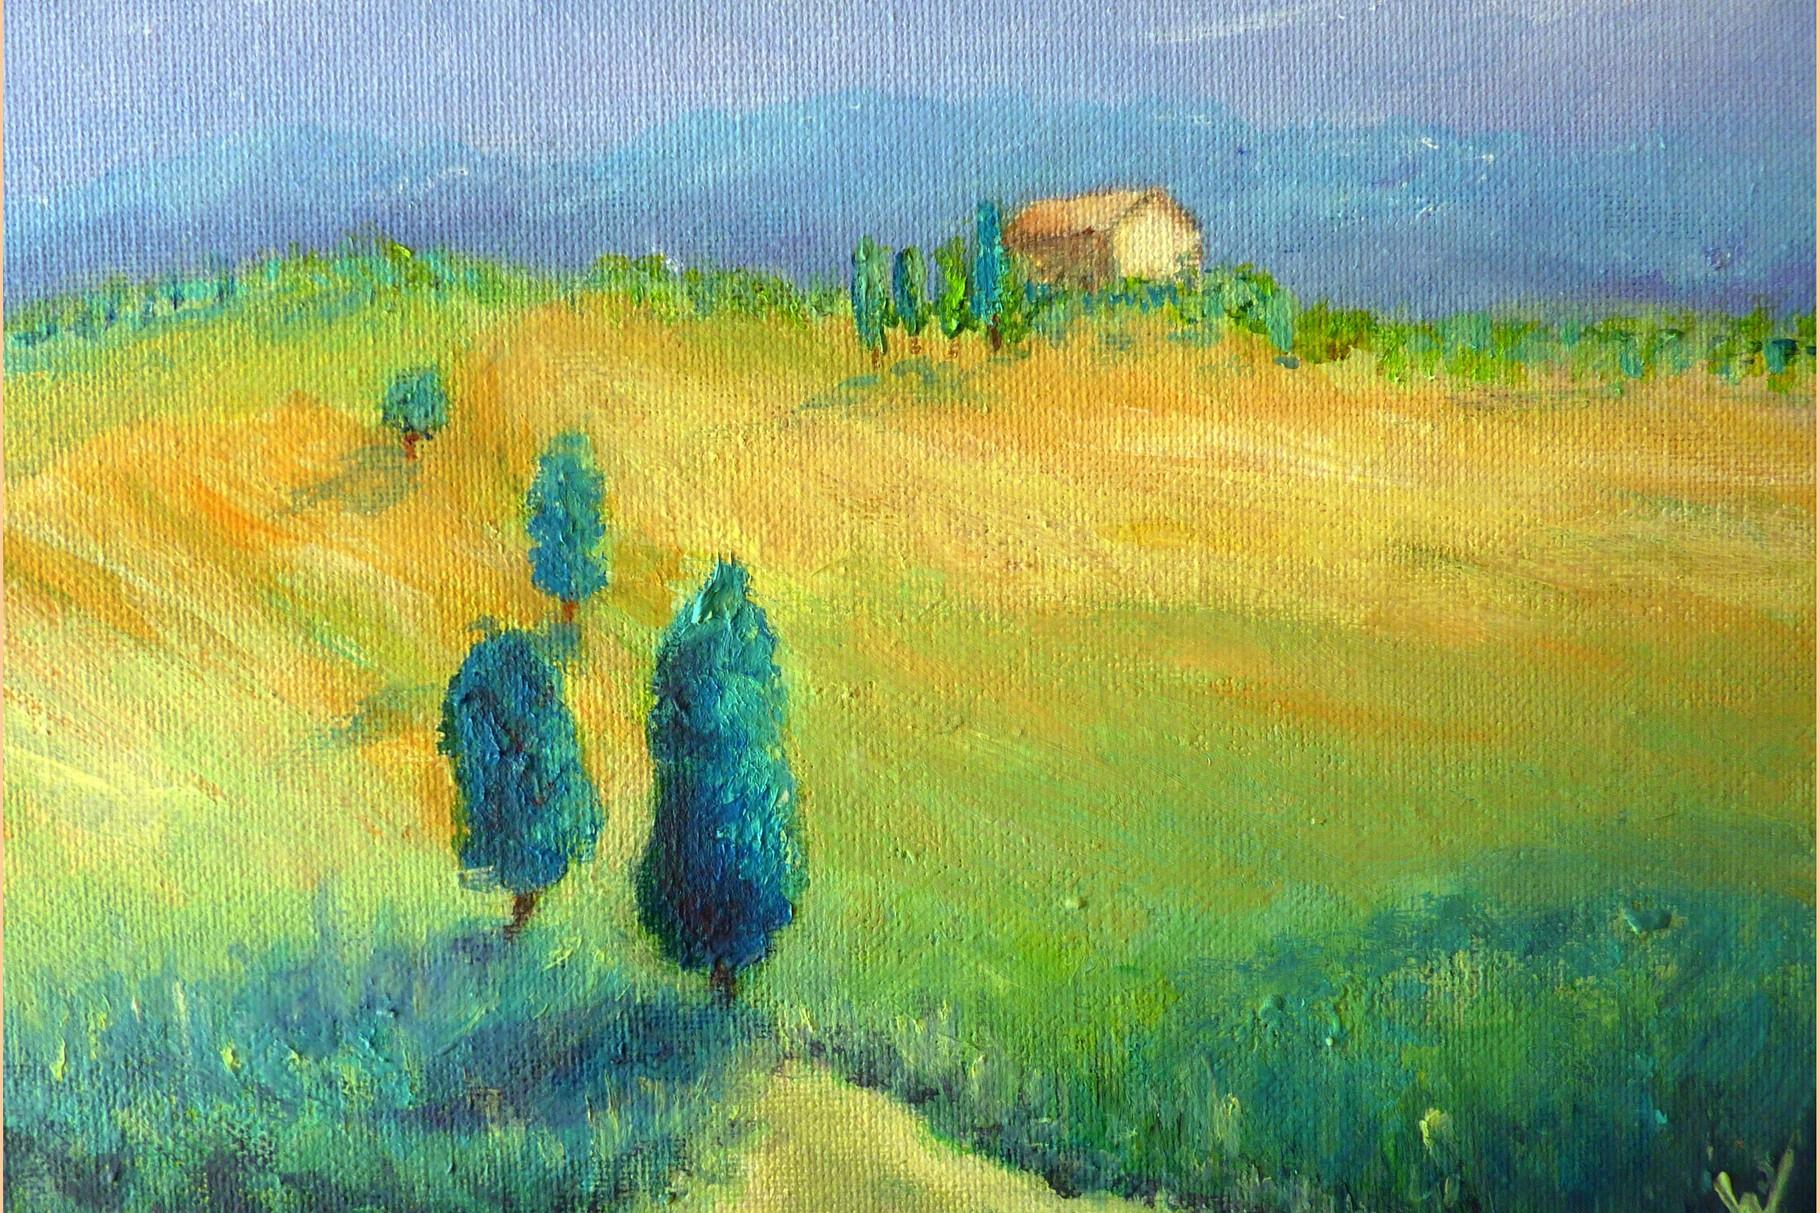 .-. Mediterrane Landschaft